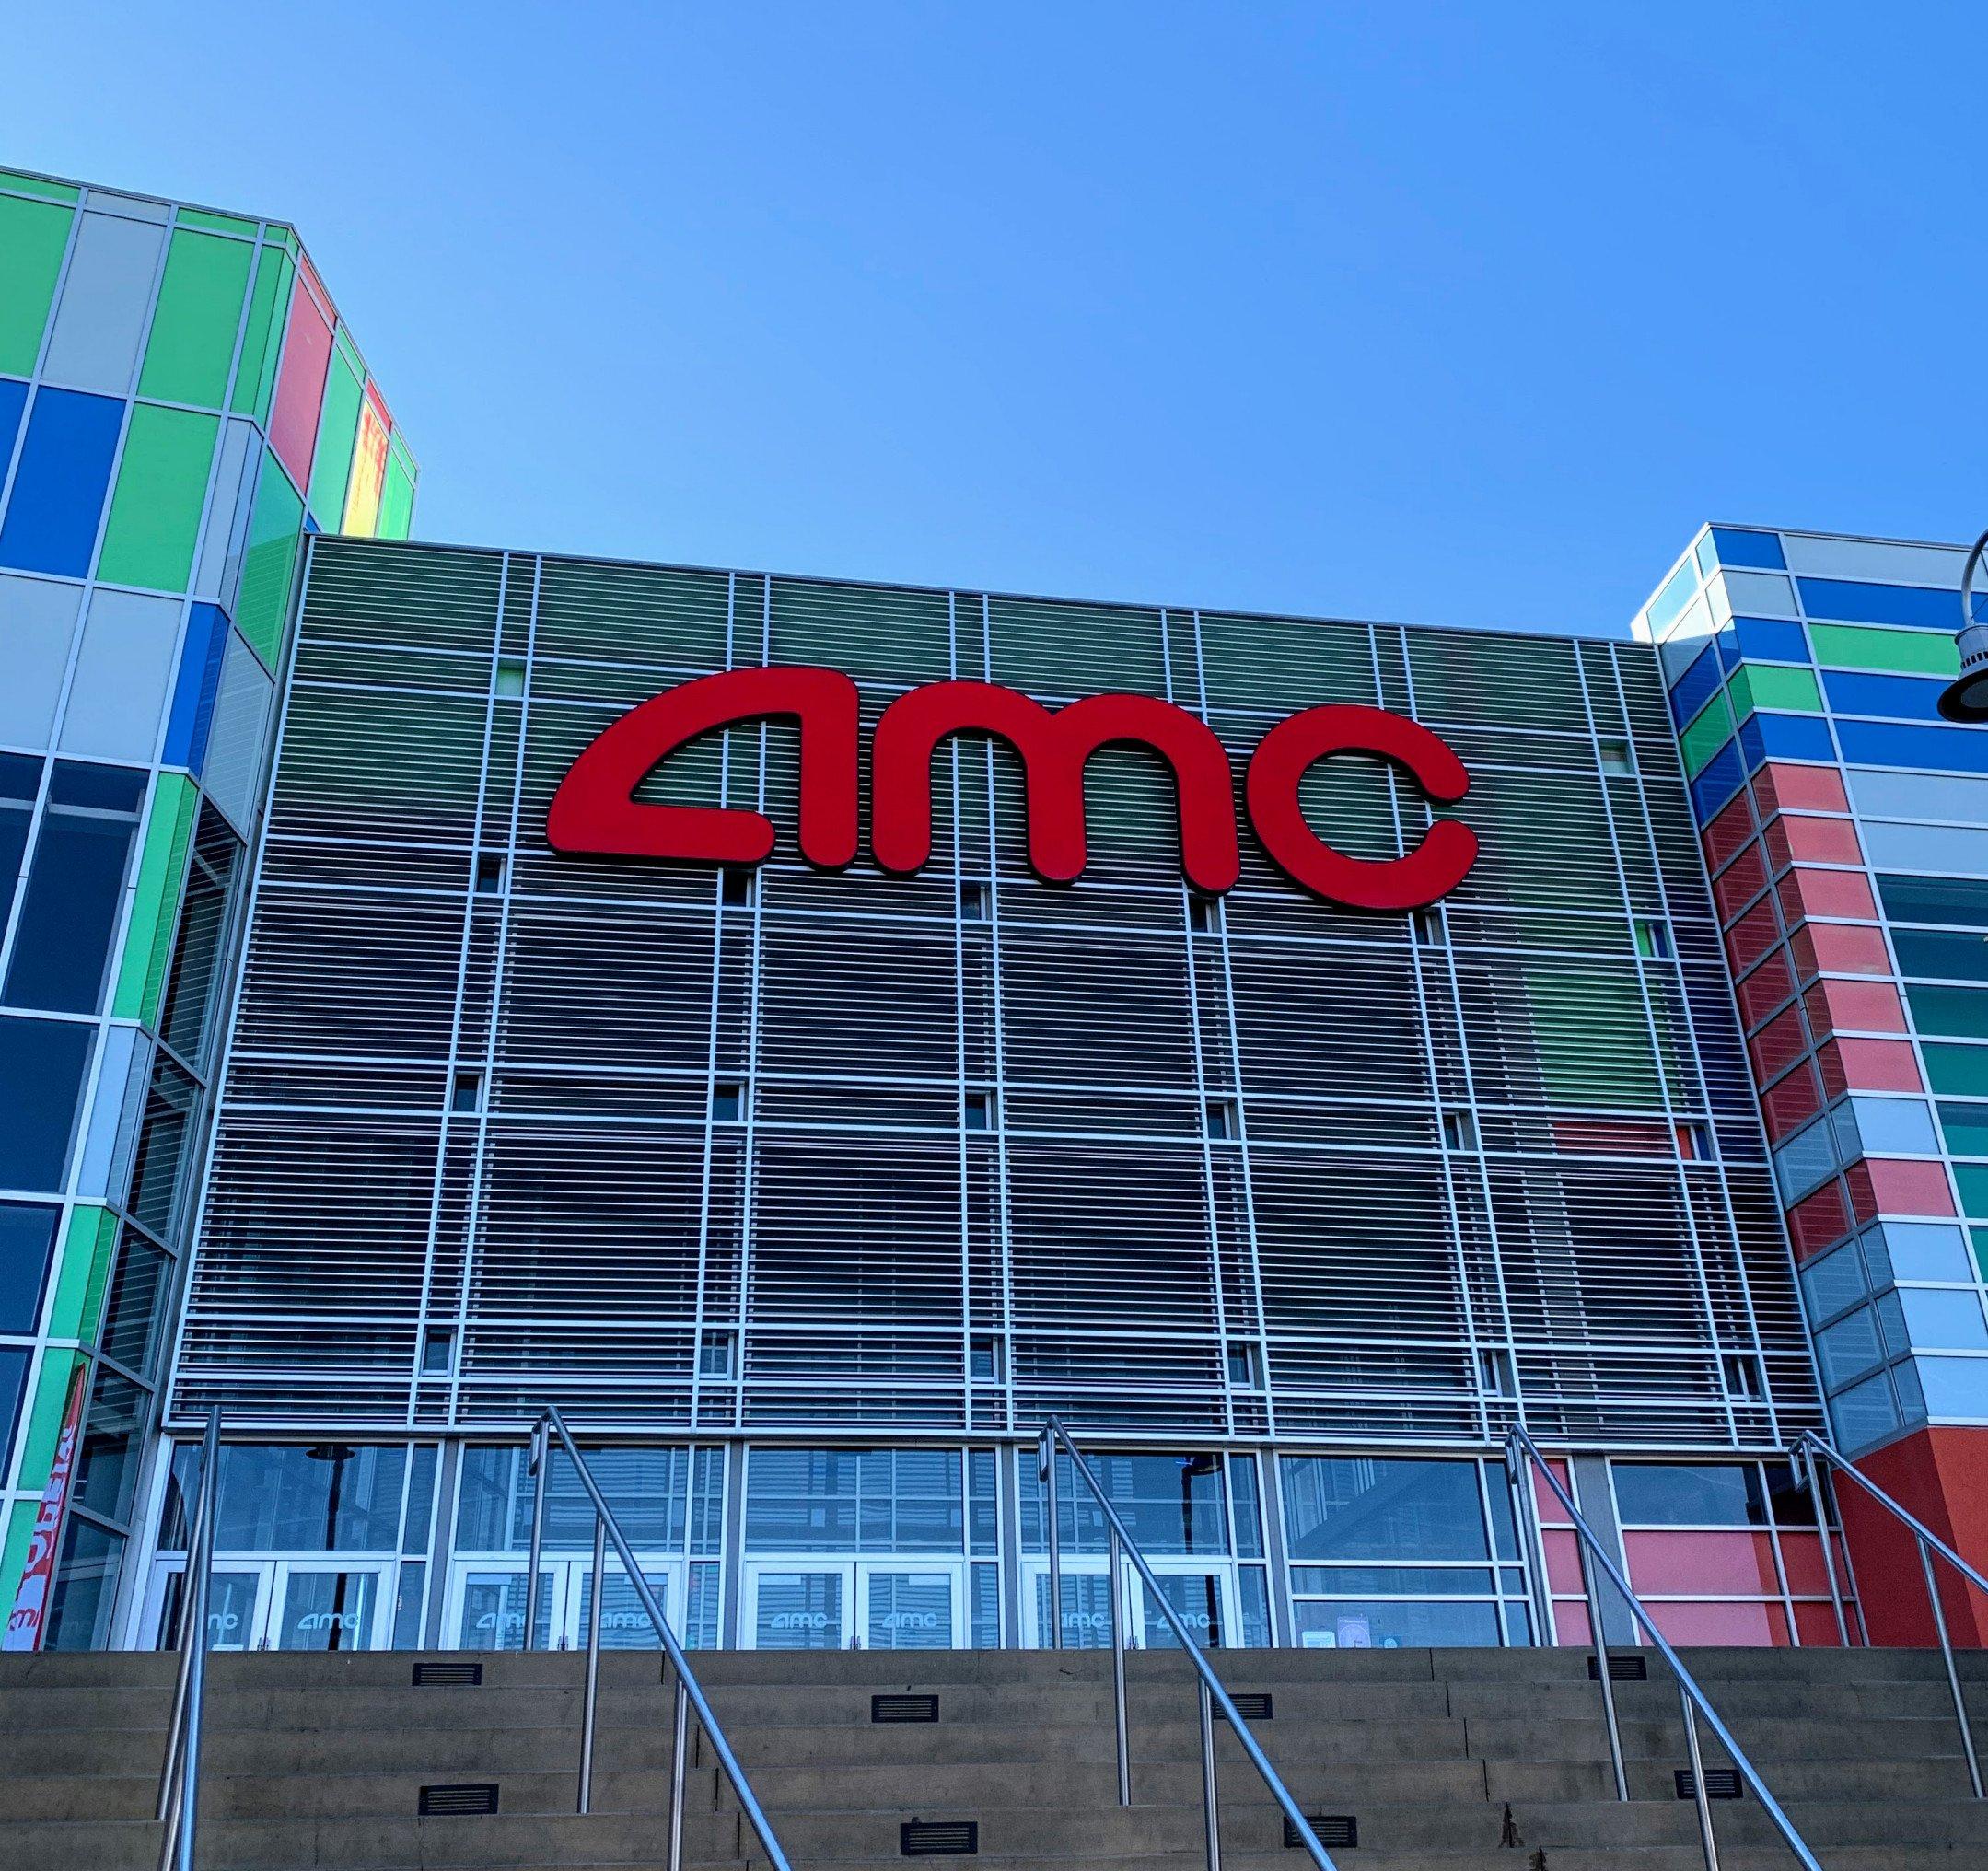 AMC Town Square 18